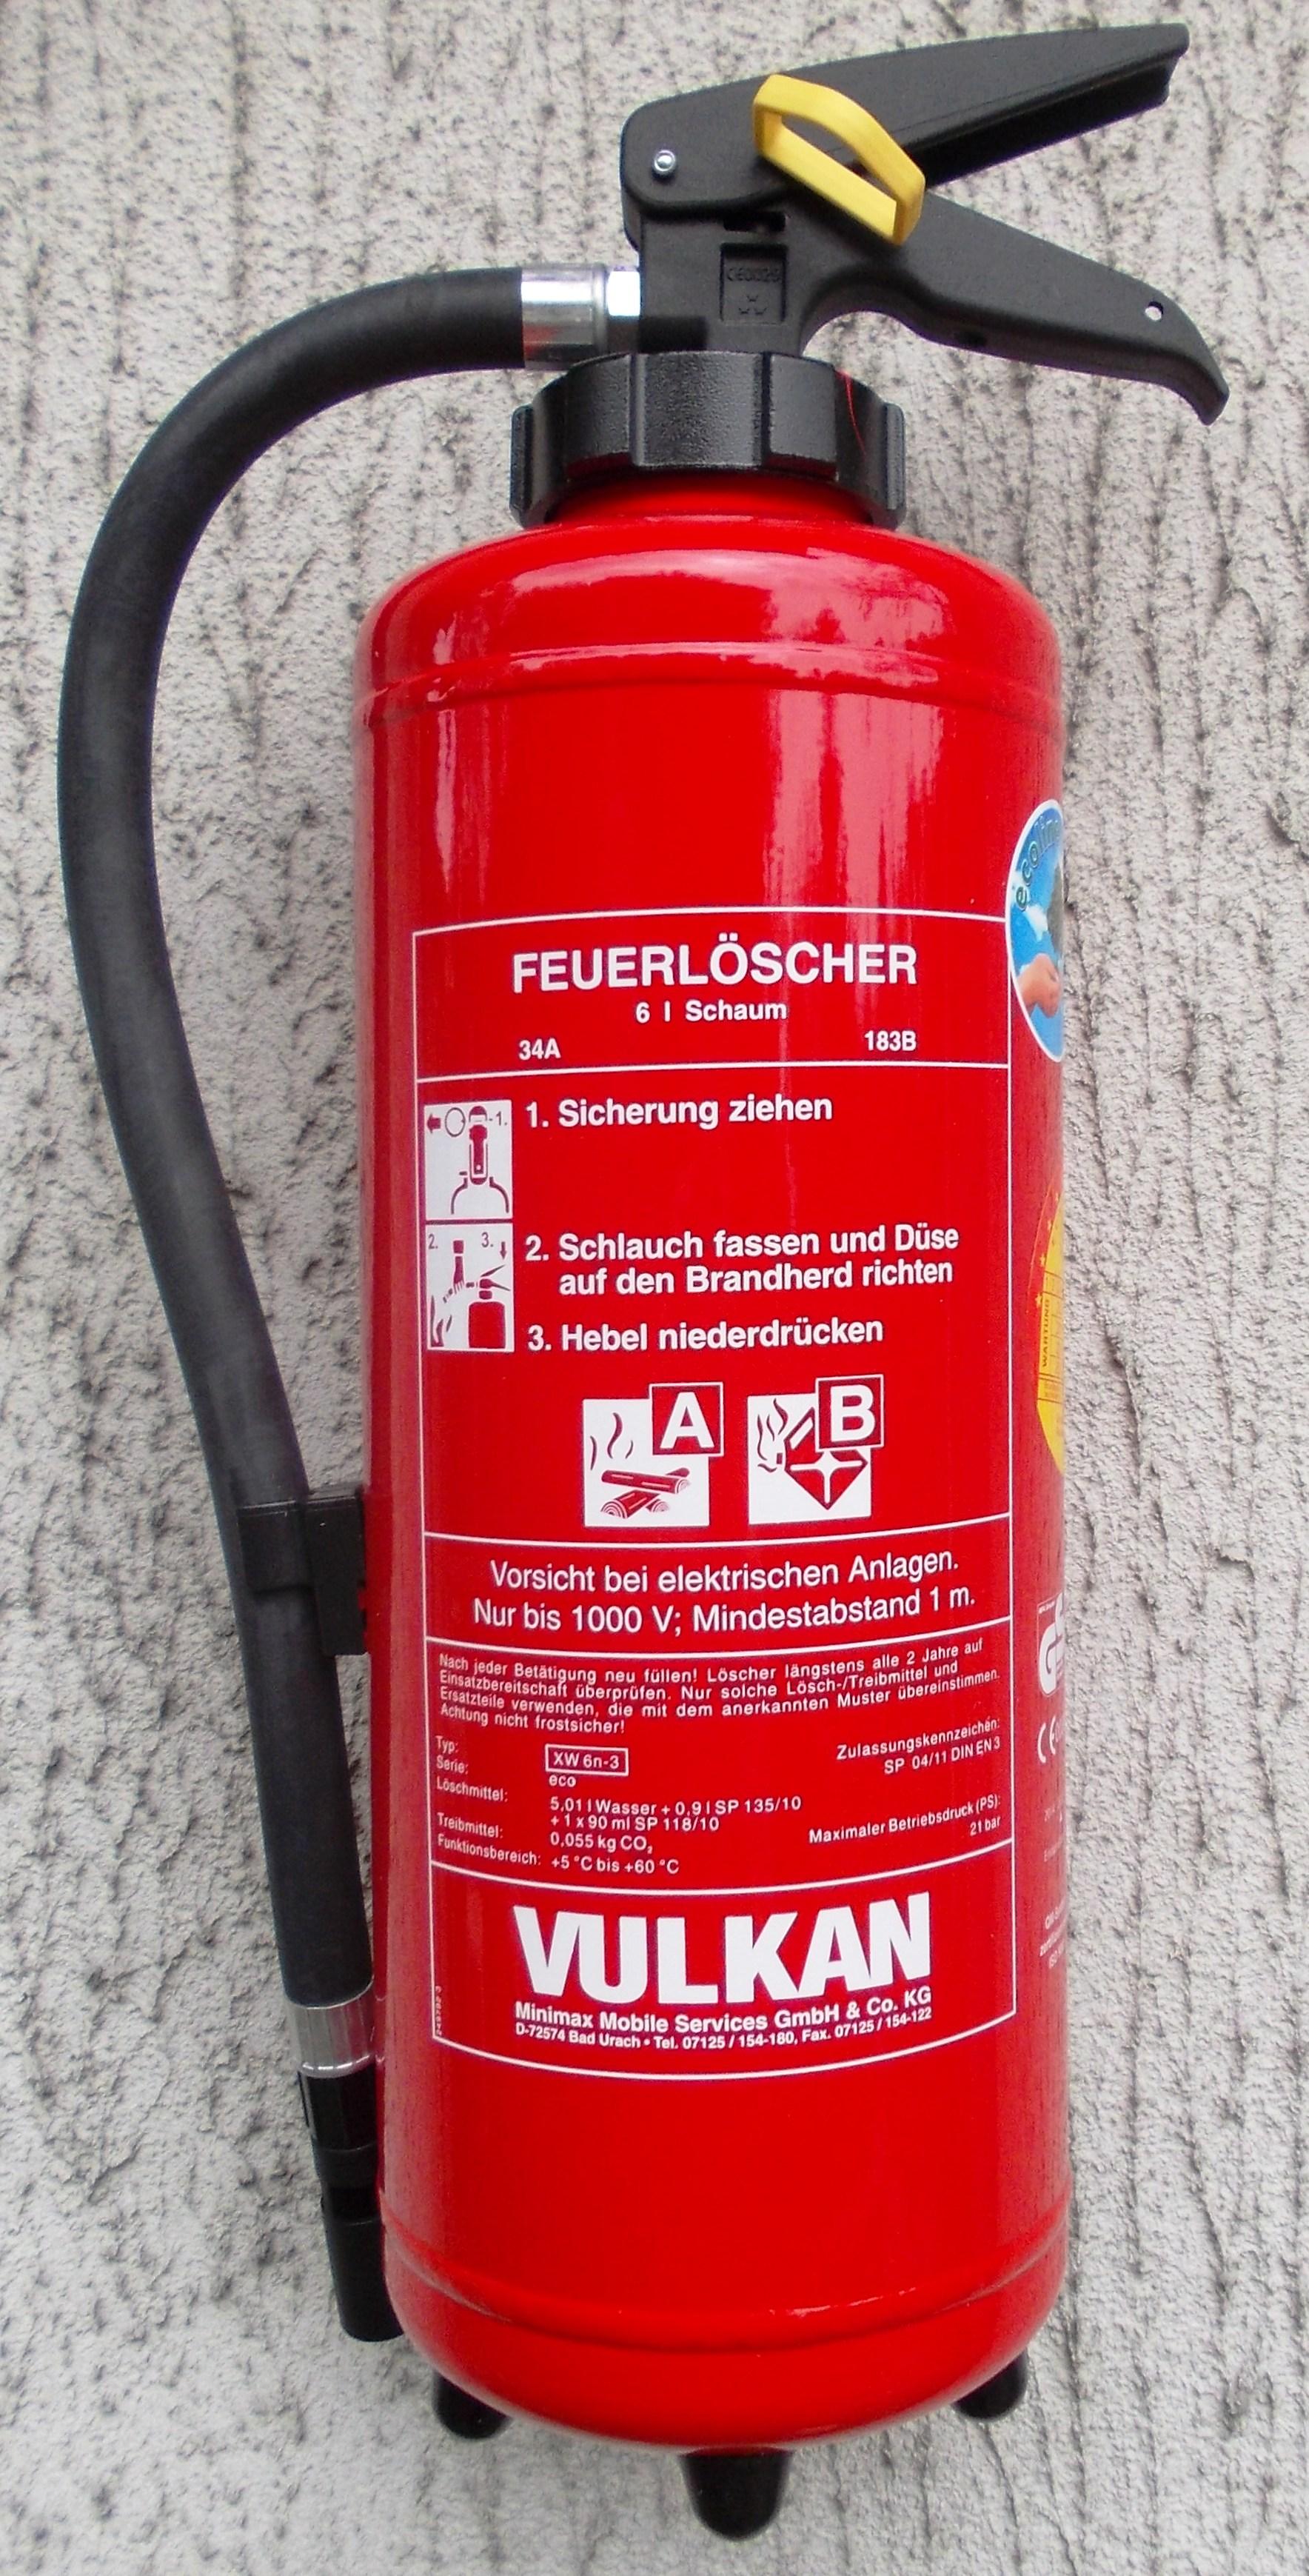 Schaumfeuerlöscher 6 Liter XW6